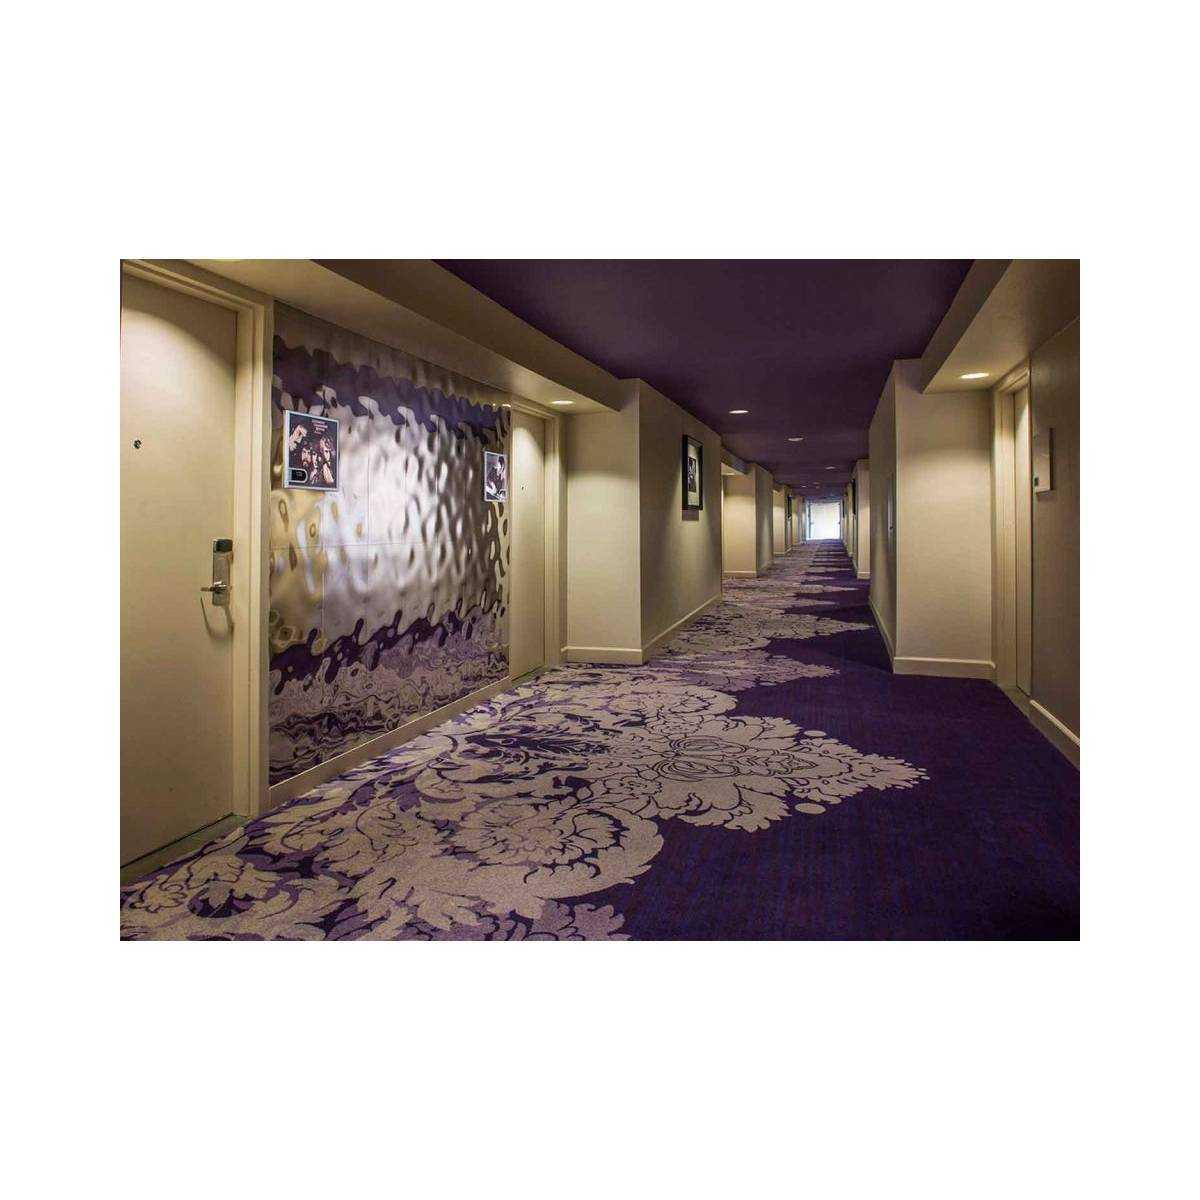 Ковры для коридоров carpet-room-cor.014 HASKUL HALI